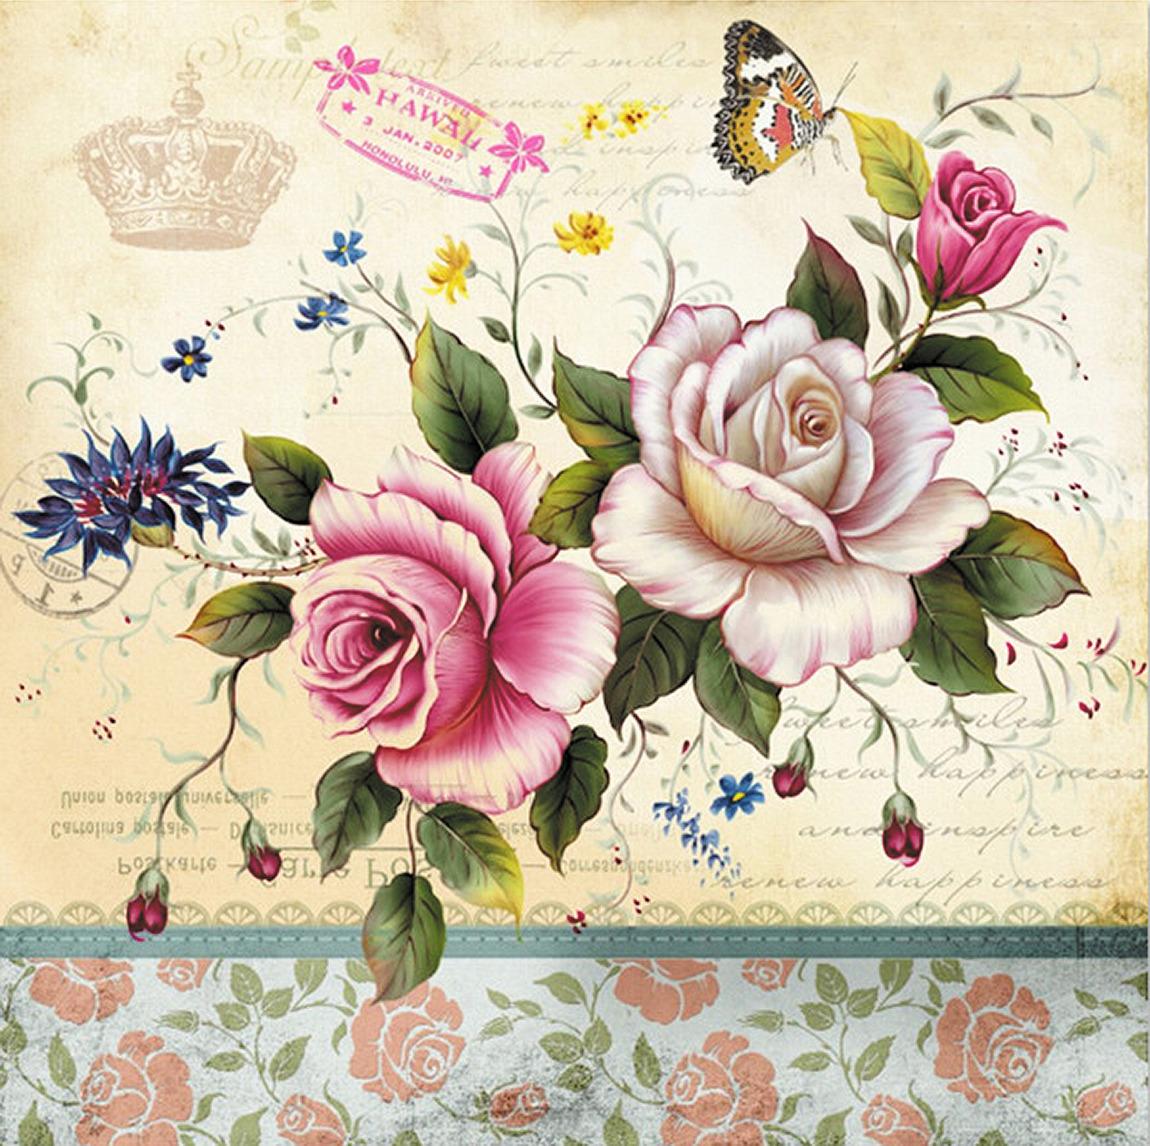 Обои на телефон открытки старинные рисованные